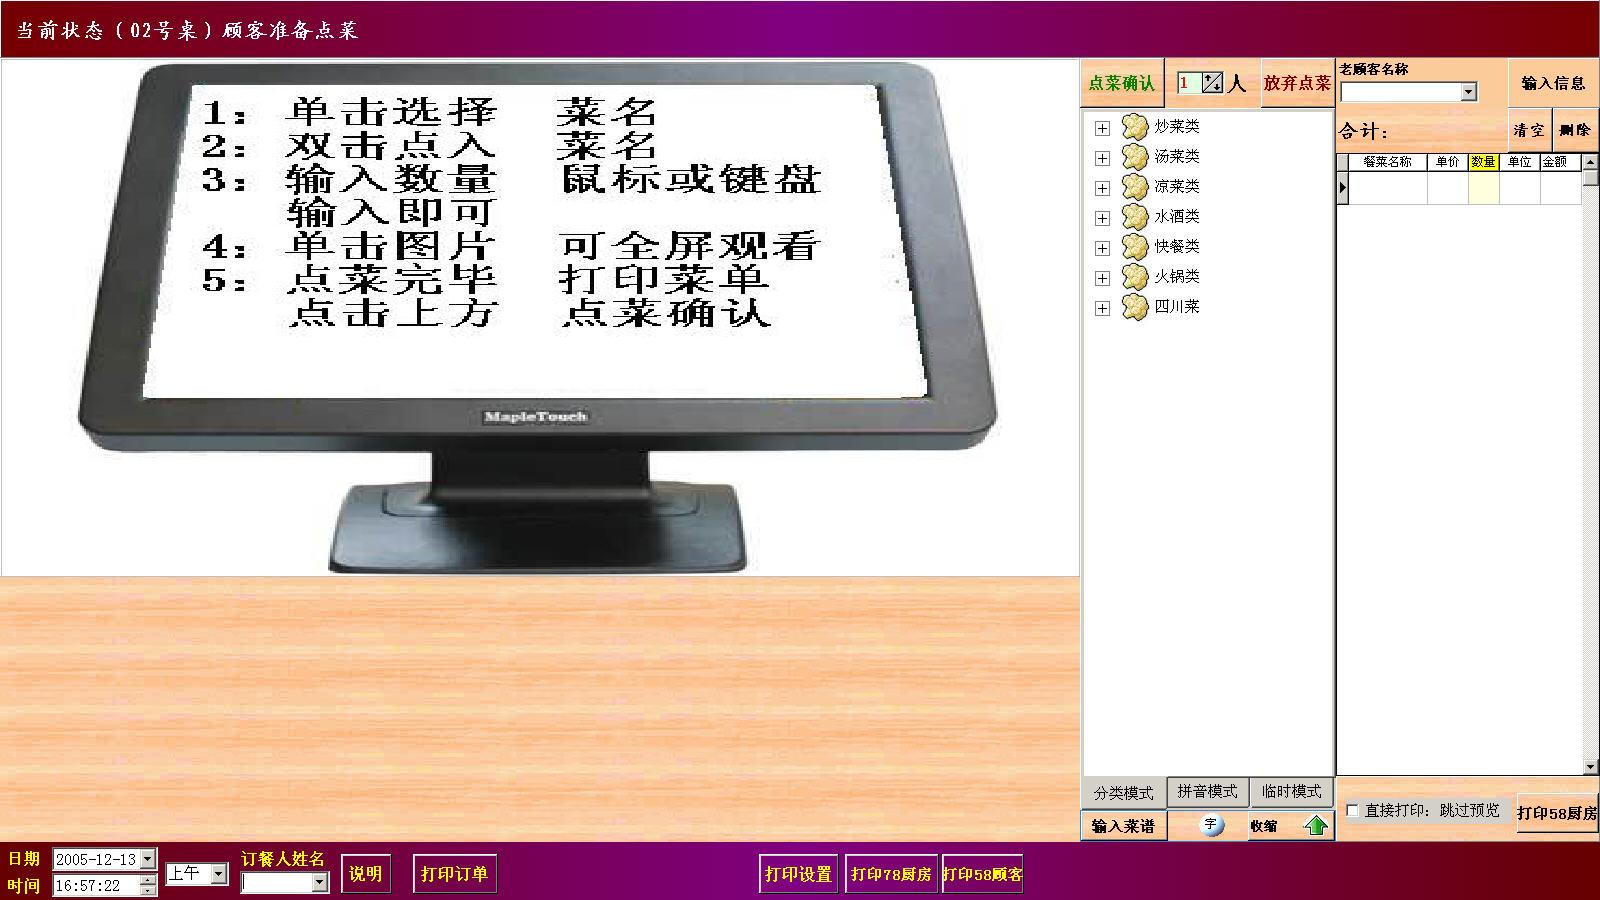 餐厅点菜系统V10.0 简体中文官方安装版